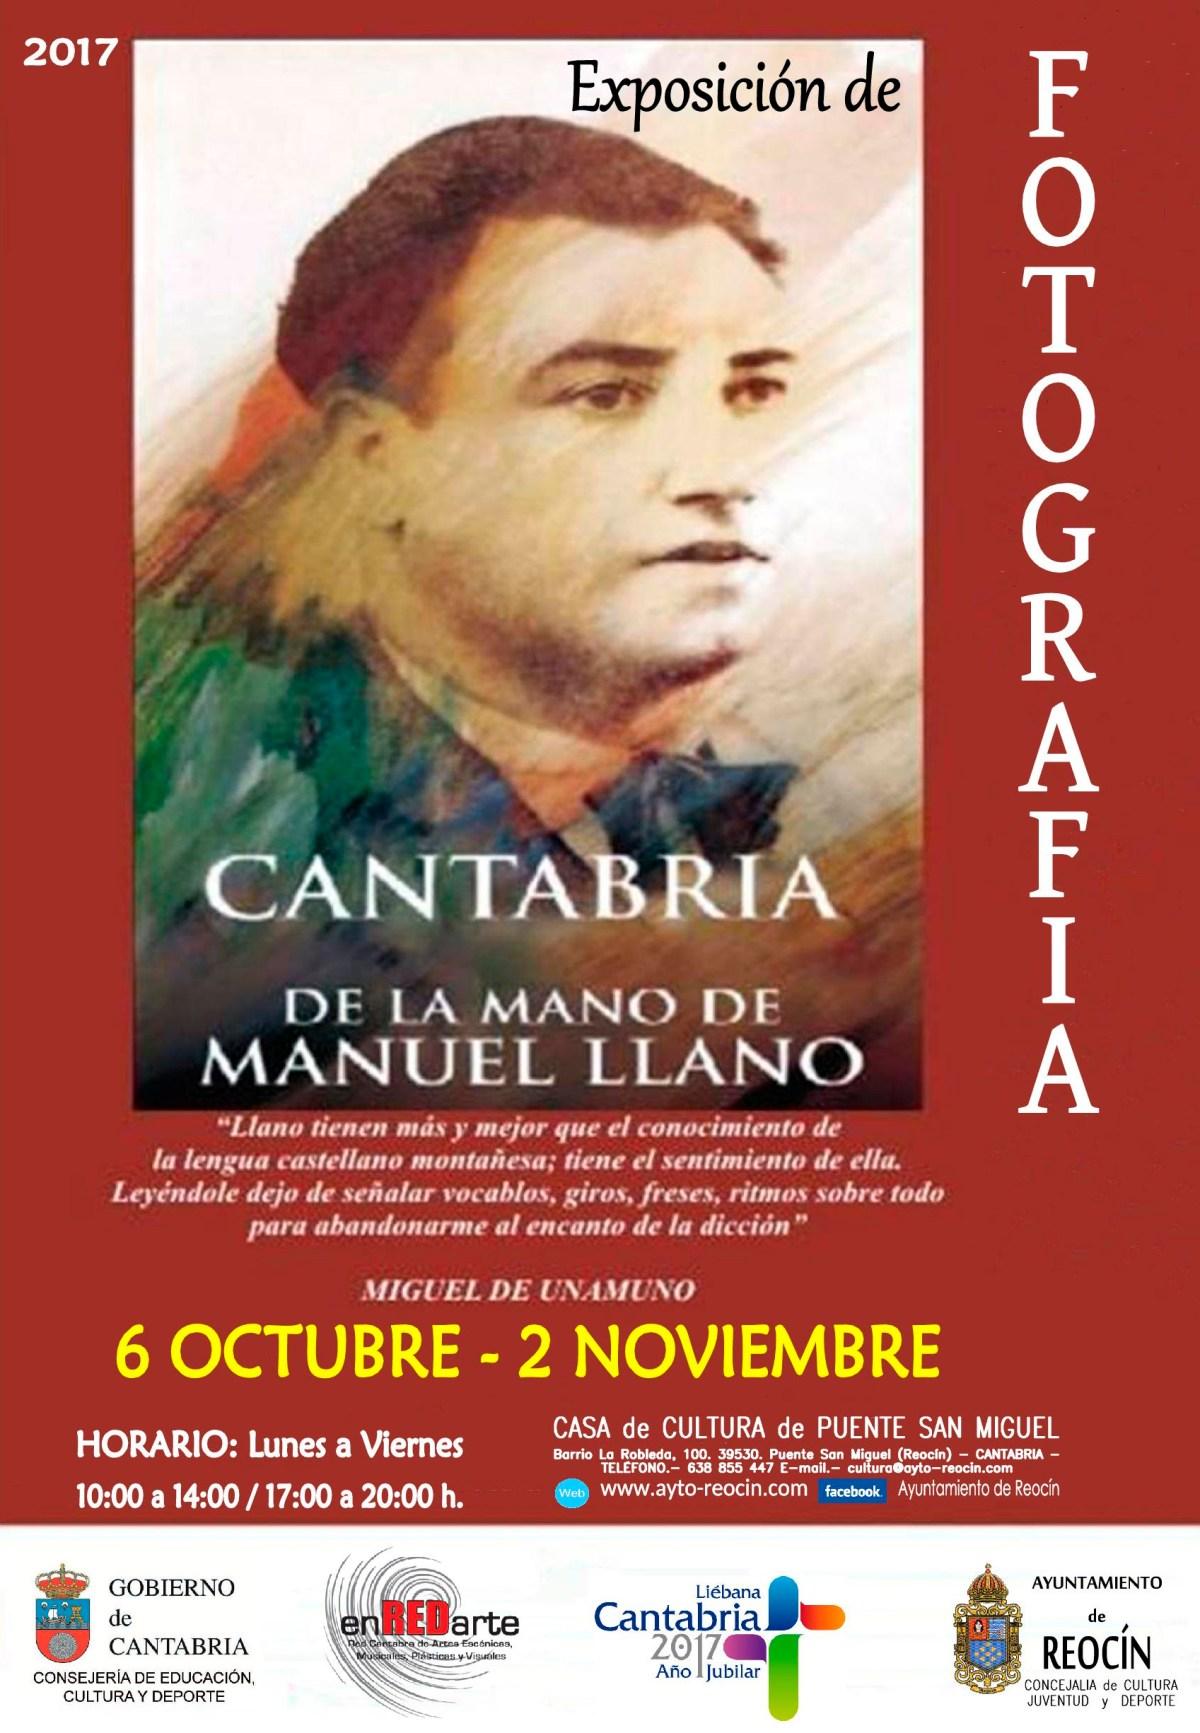 CARTEL EXPO DE FOTOGRAFIA CANTABRIA